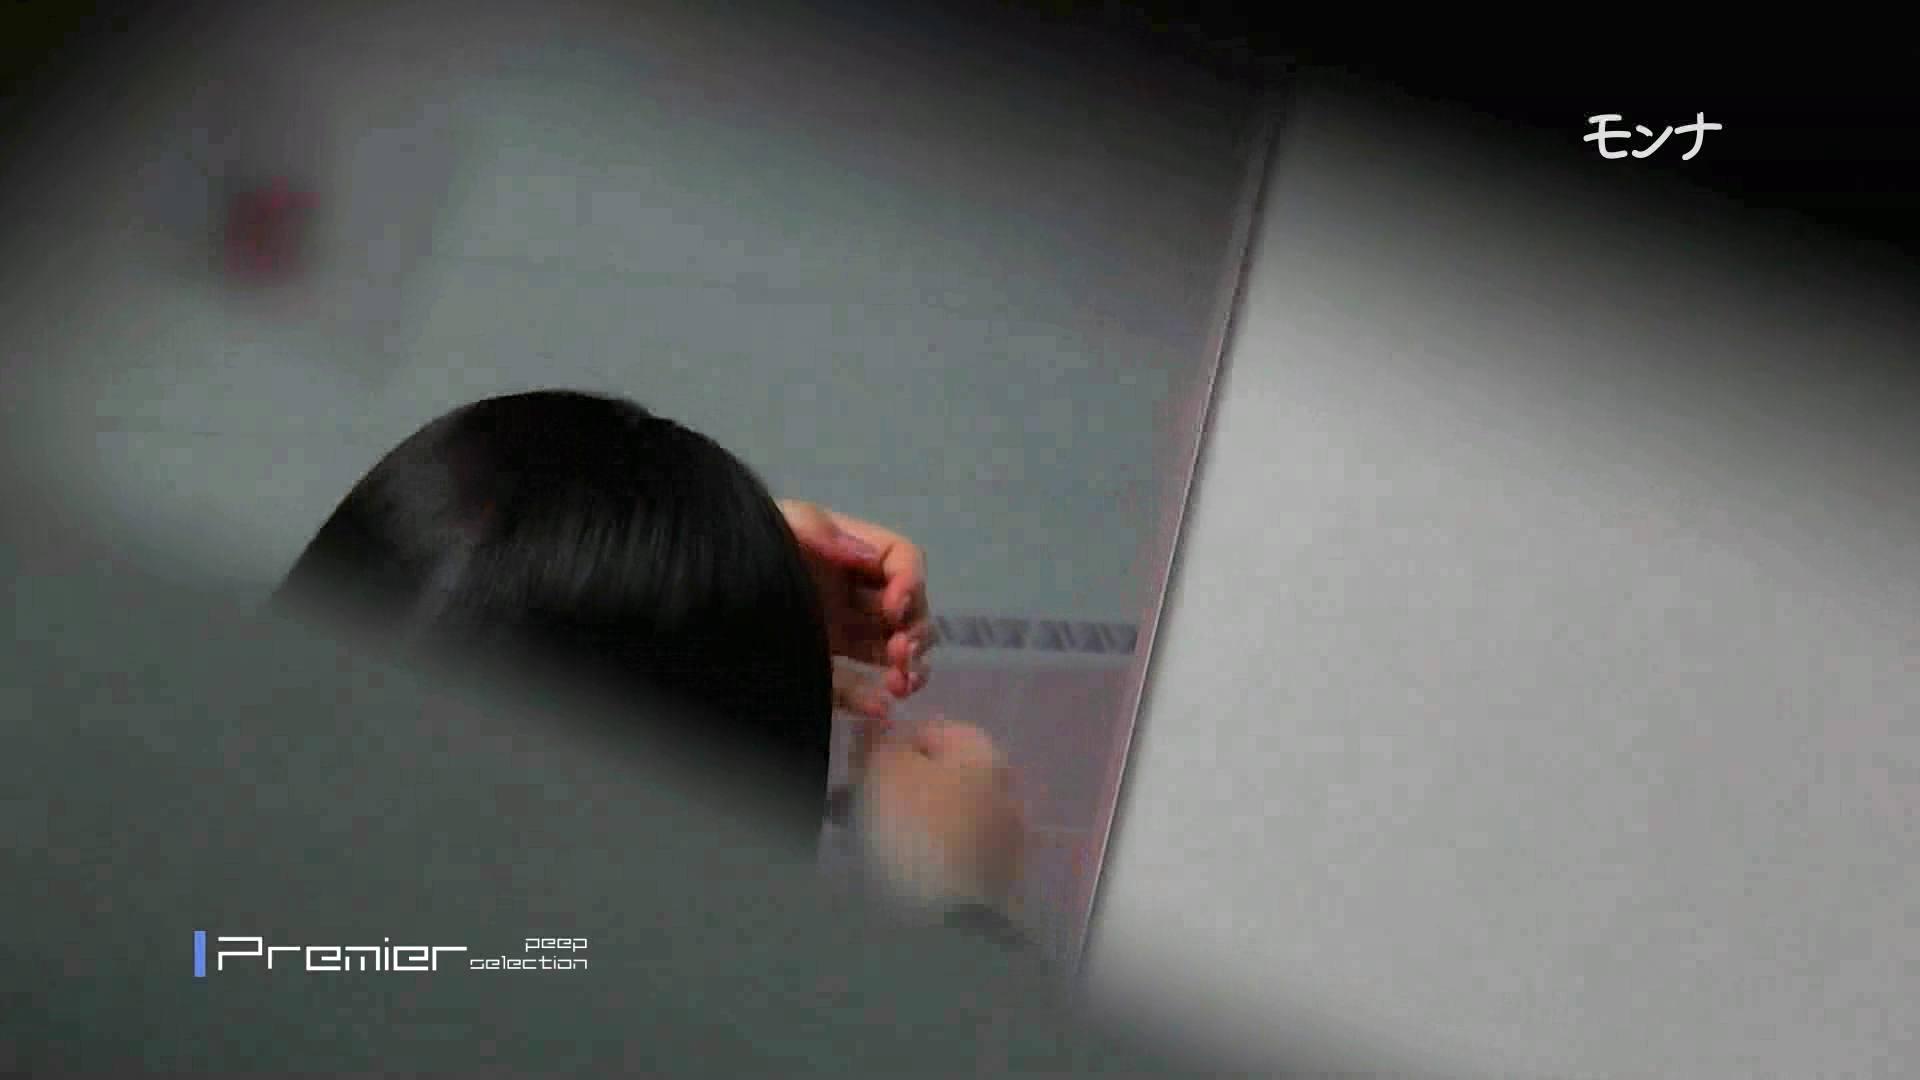 遂に!!戸田恵梨香似の予告モデル登場ダッシュで「大」 むっちりガール AV動画キャプチャ 84枚 79